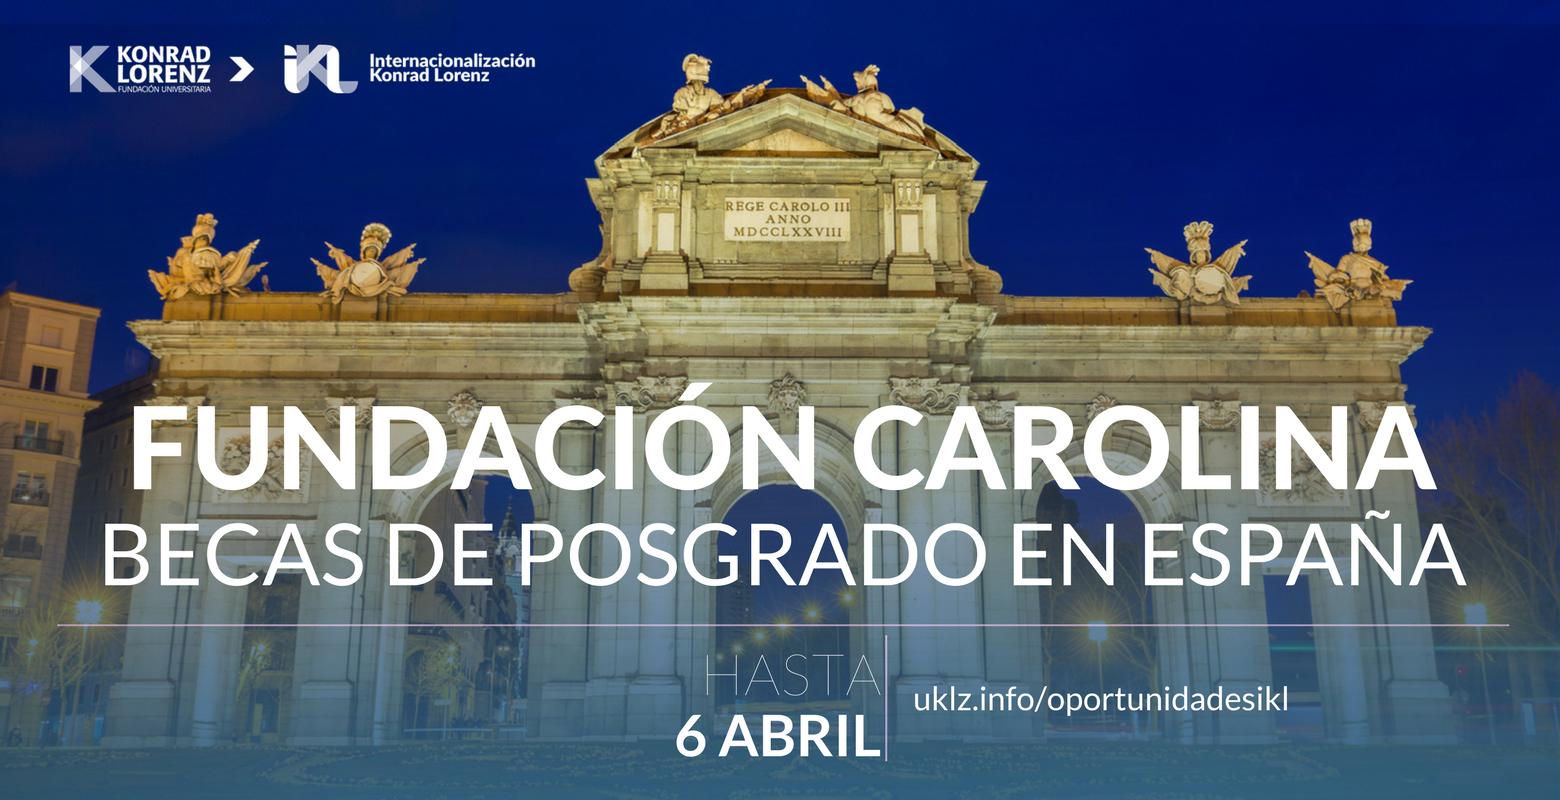 Becas de posgrados para estudiar en España